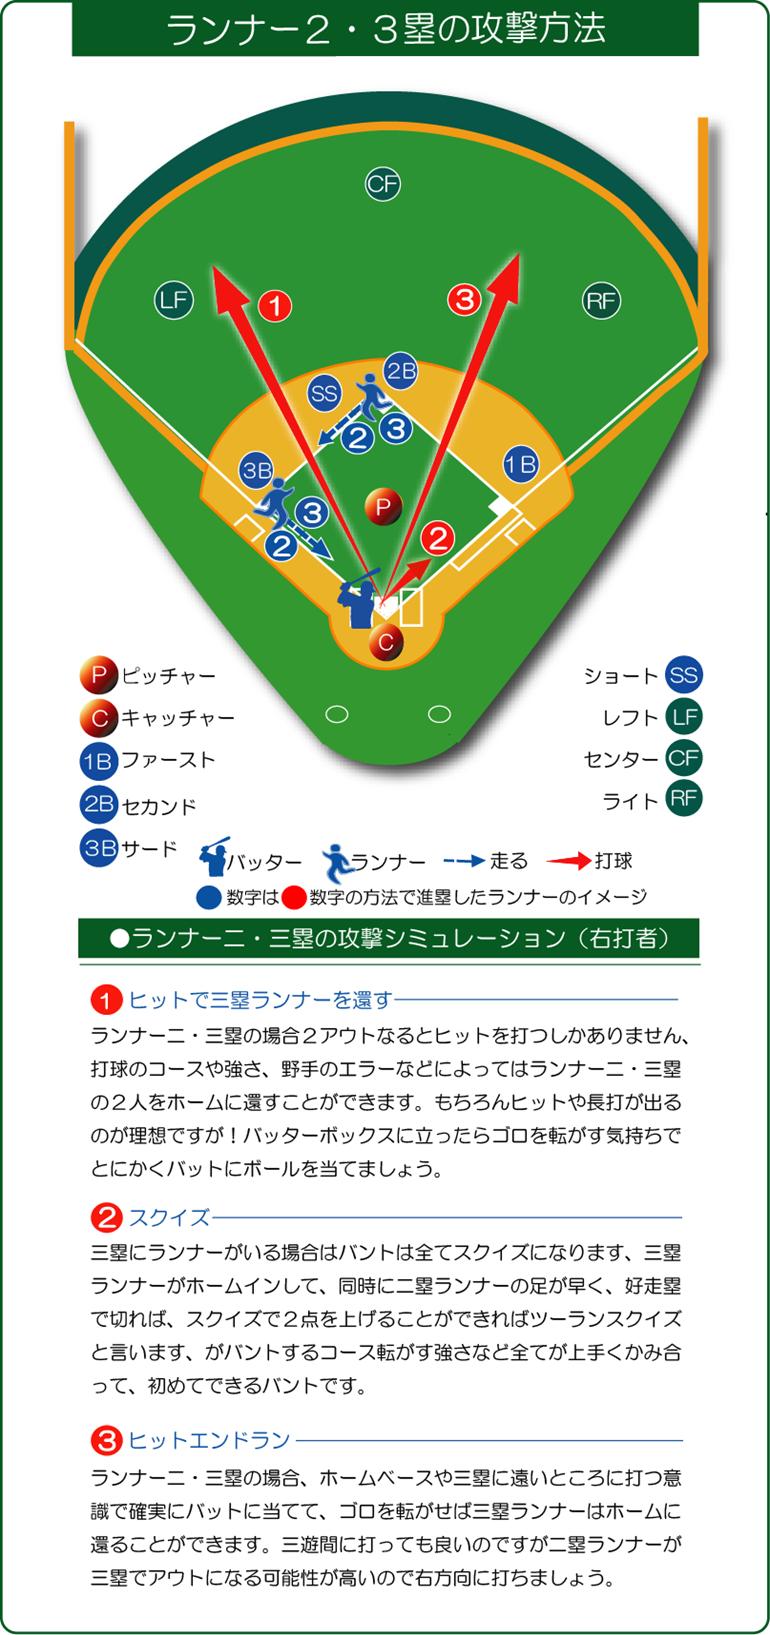 ランナー2・3塁攻撃シミュレーションイラスト